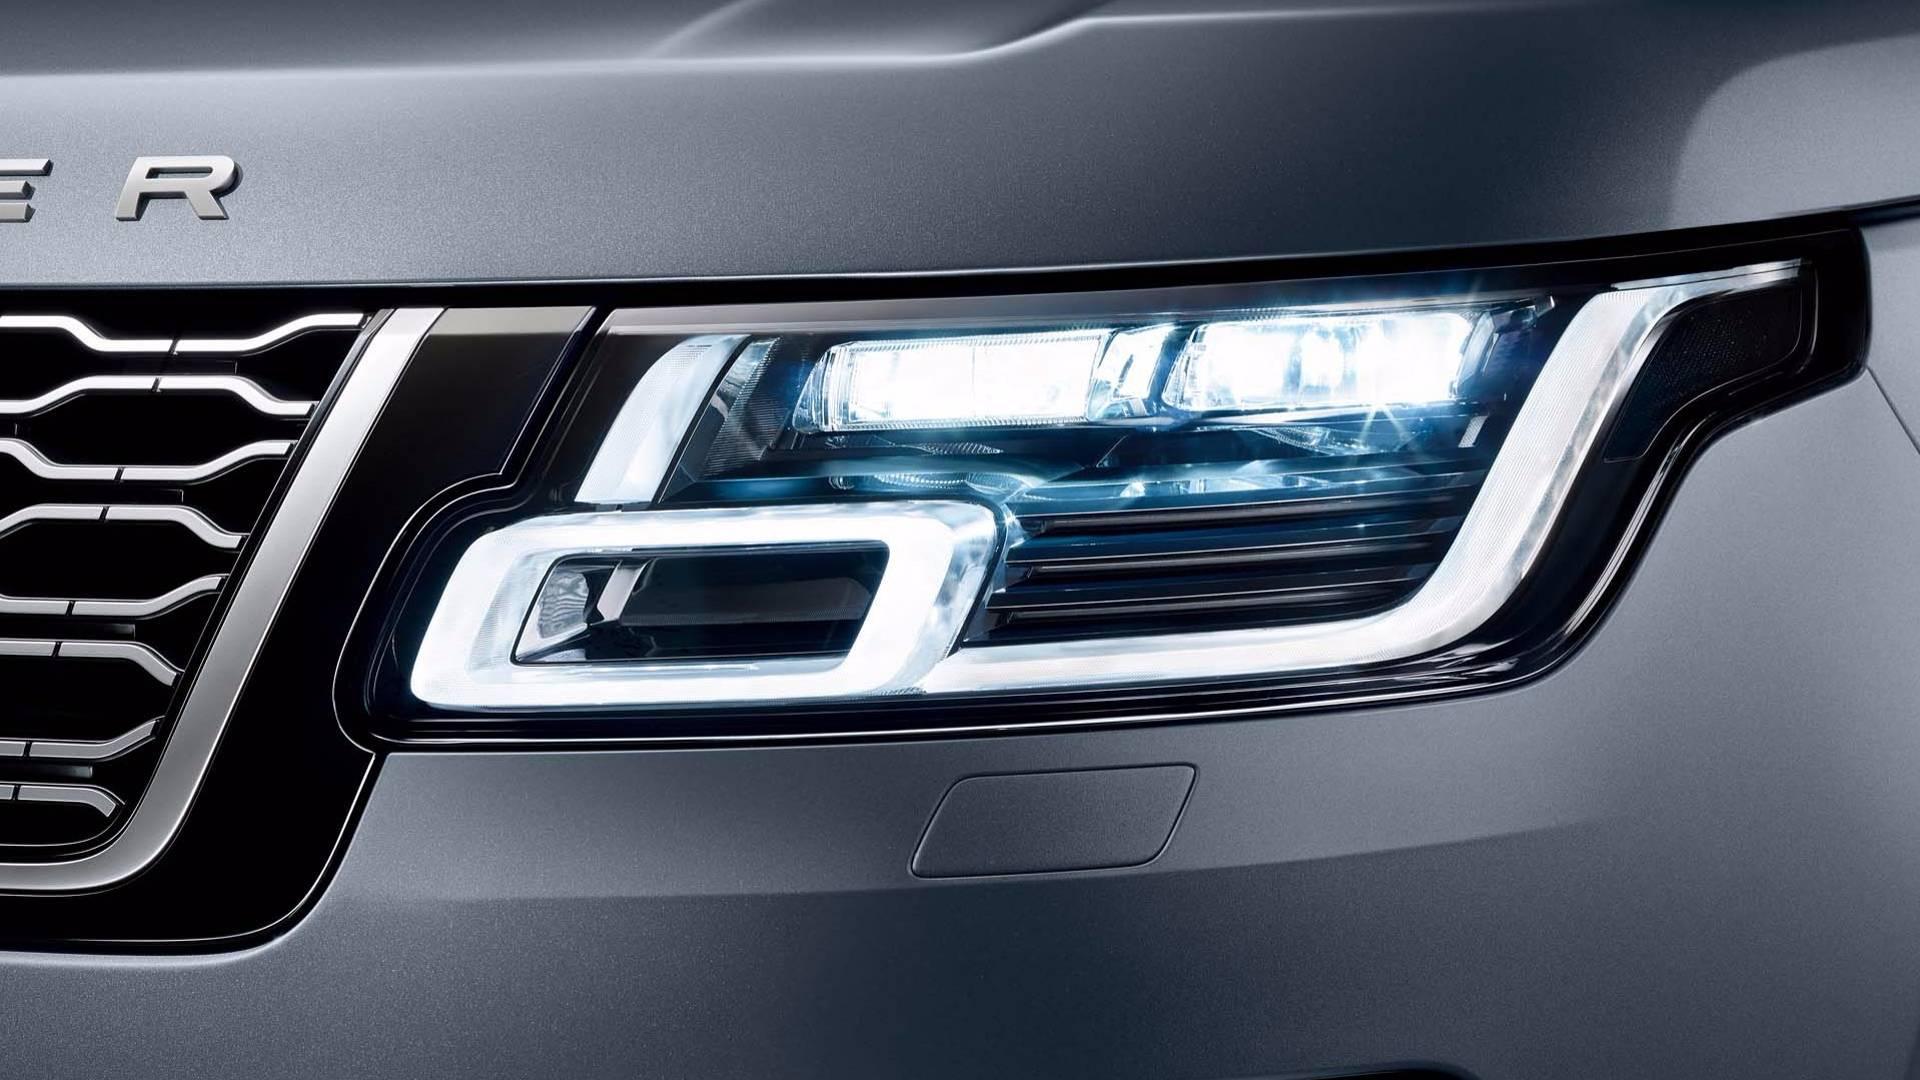 2018 Range Rover Facelift Officially Revealed P400e Phev